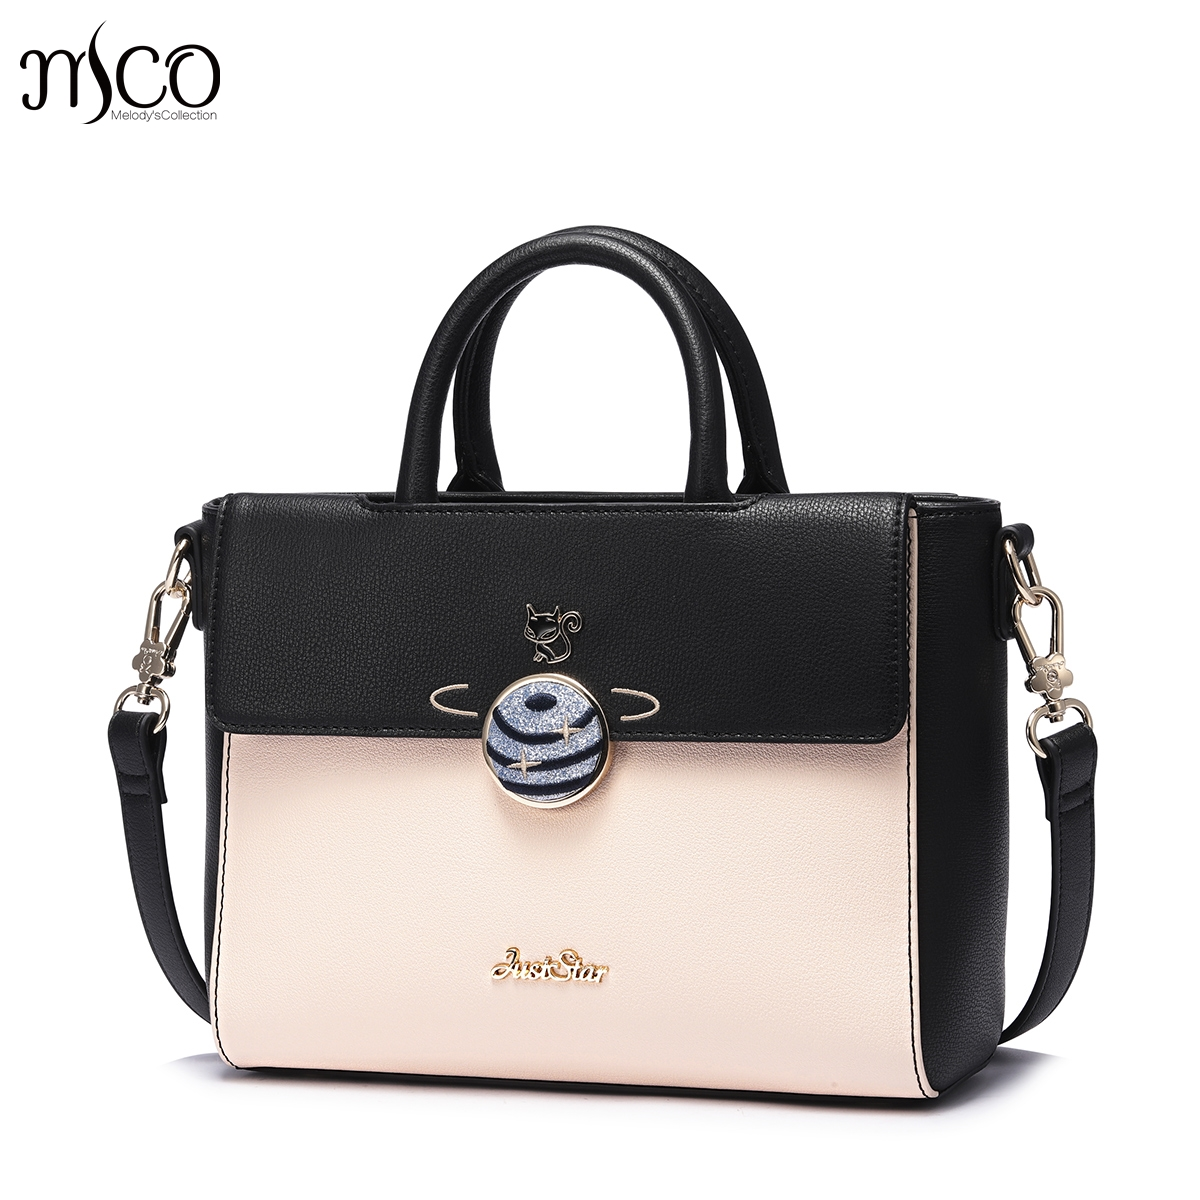 купить Brand Design Fox Start Leather Purse Crossbody Shoulder Women Bag Clutch Female Handbags Sac a Main Femme De Marque по цене 3369.96 рублей